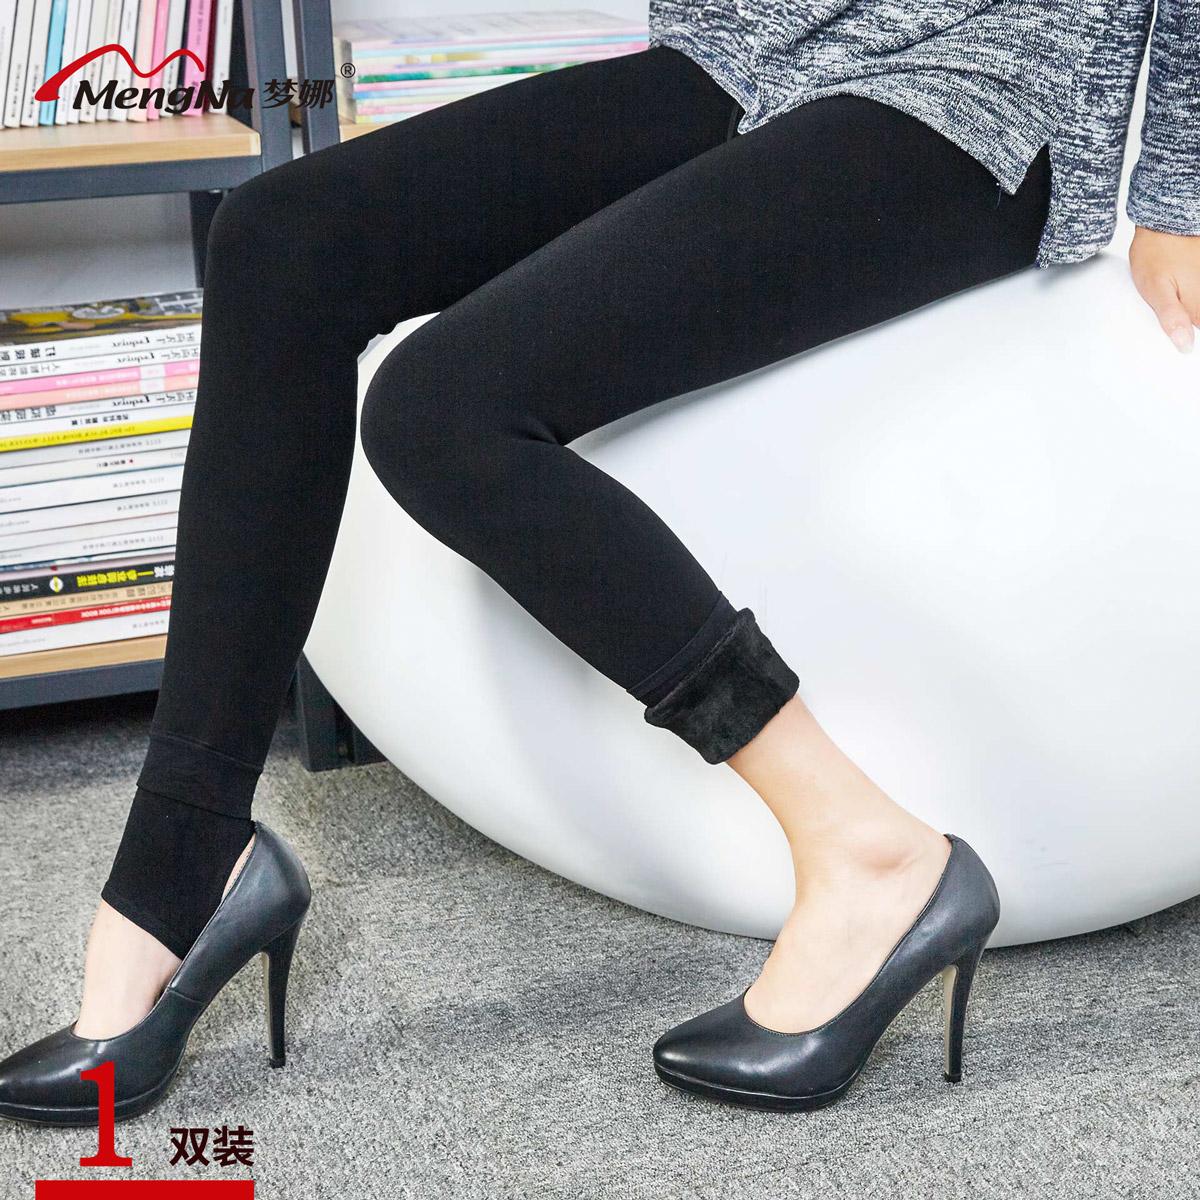 梦娜秋冬新款女士加绒加厚保暖打底裤外穿显瘦踩脚裤袜 聚1